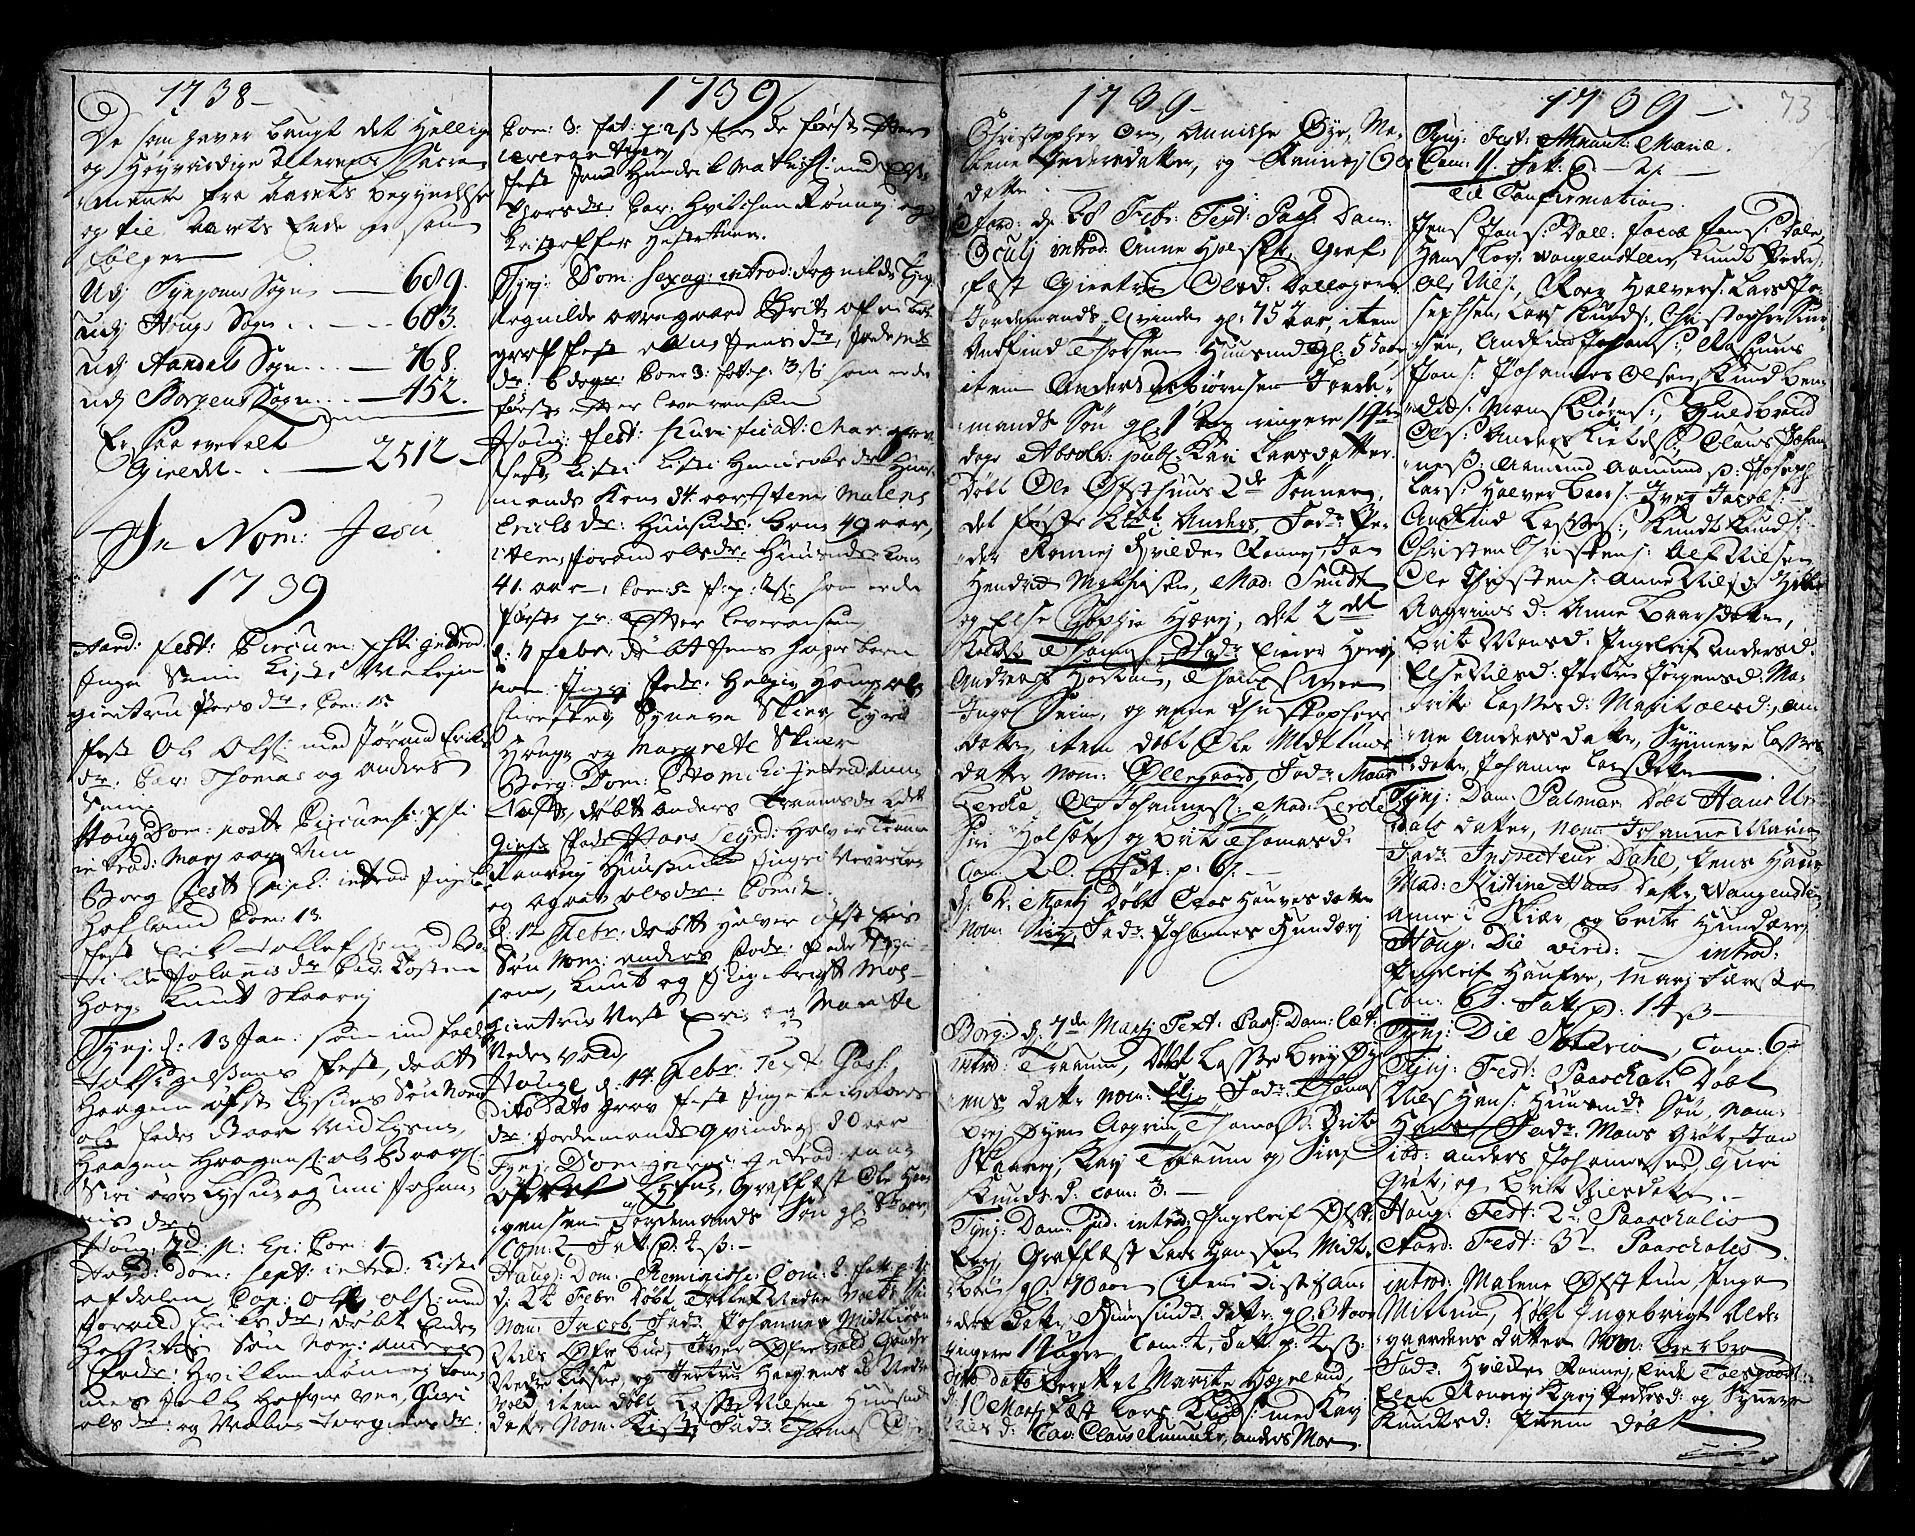 SAB, Lærdal sokneprestembete, Ministerialbok nr. A 1, 1711-1752, s. 73